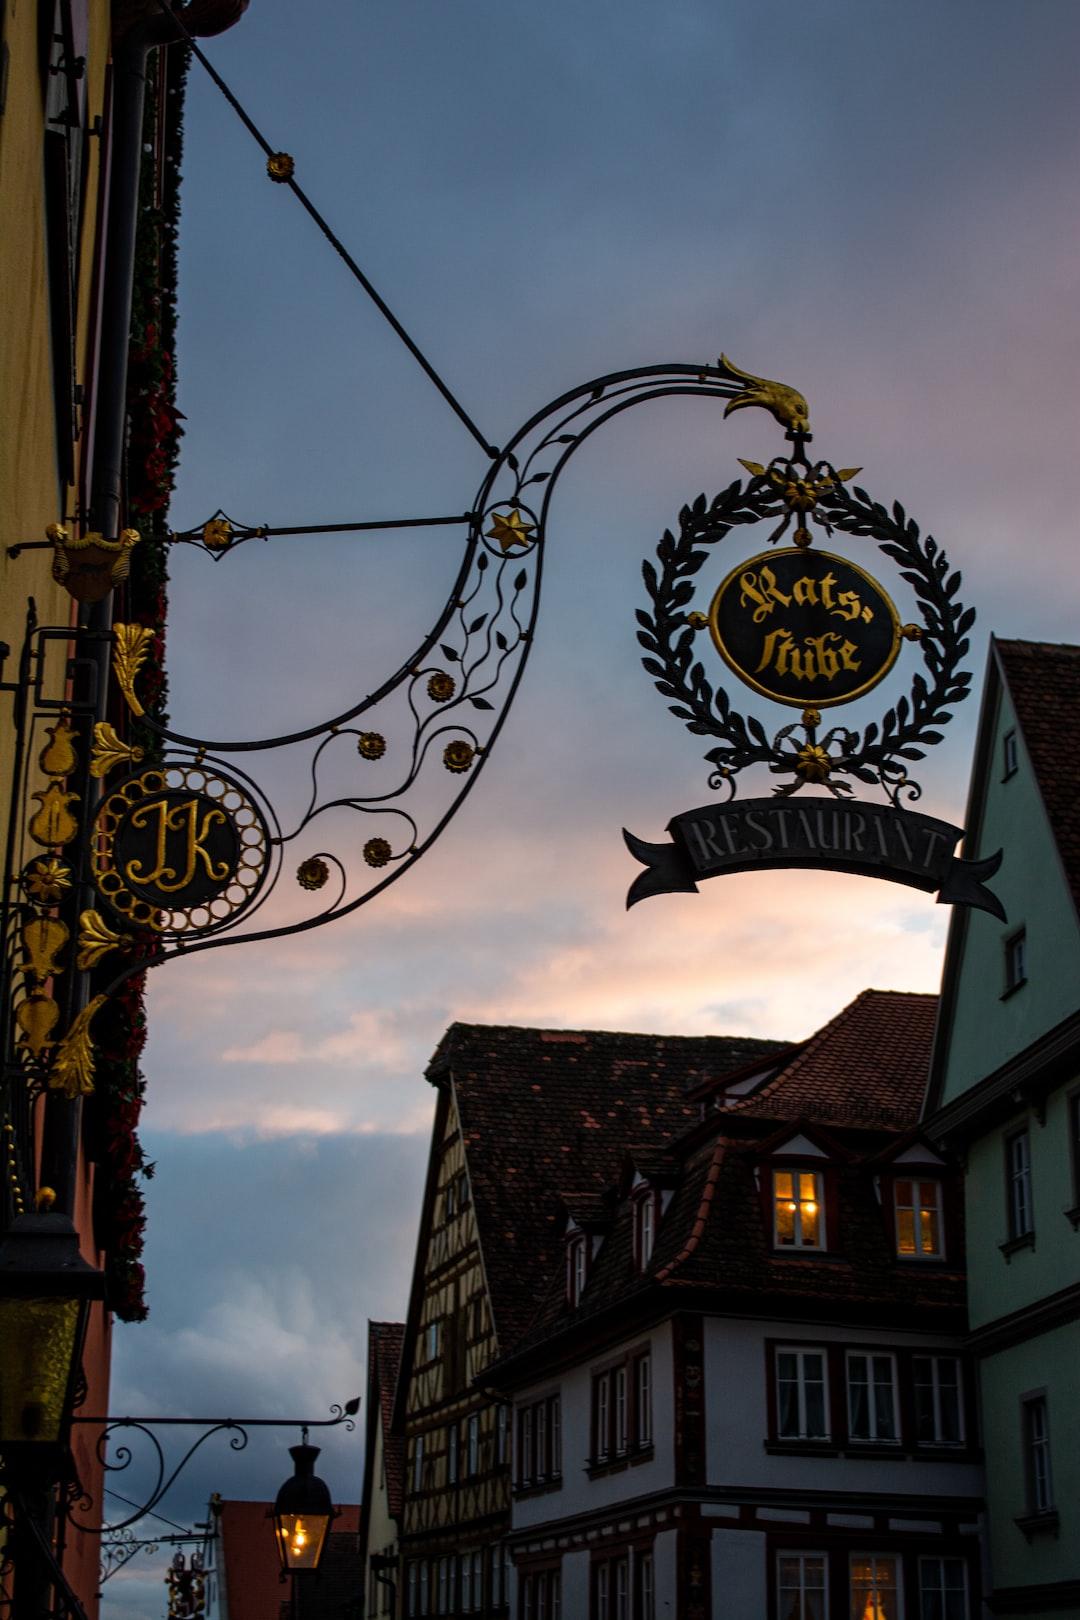 Historic restaurant entrance in Rothenburg ob der Tauber.